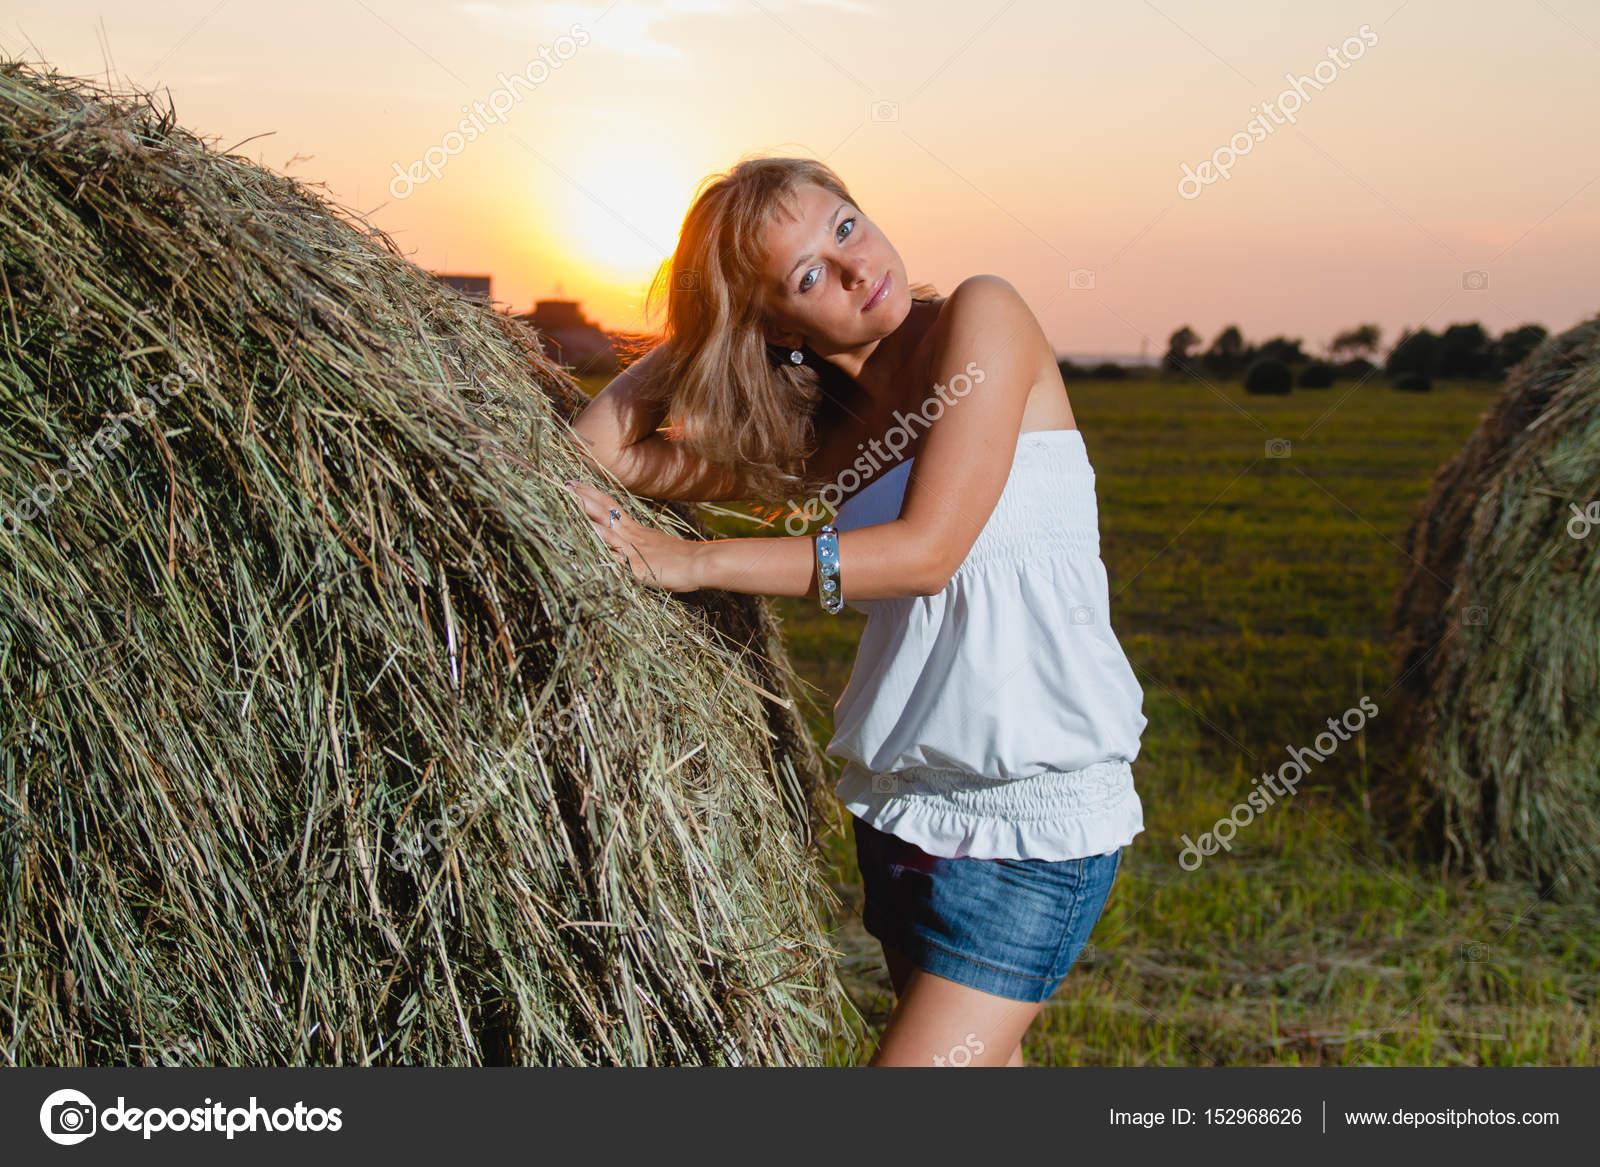 Junge sexy Blondine posiert in der Nähe von einem